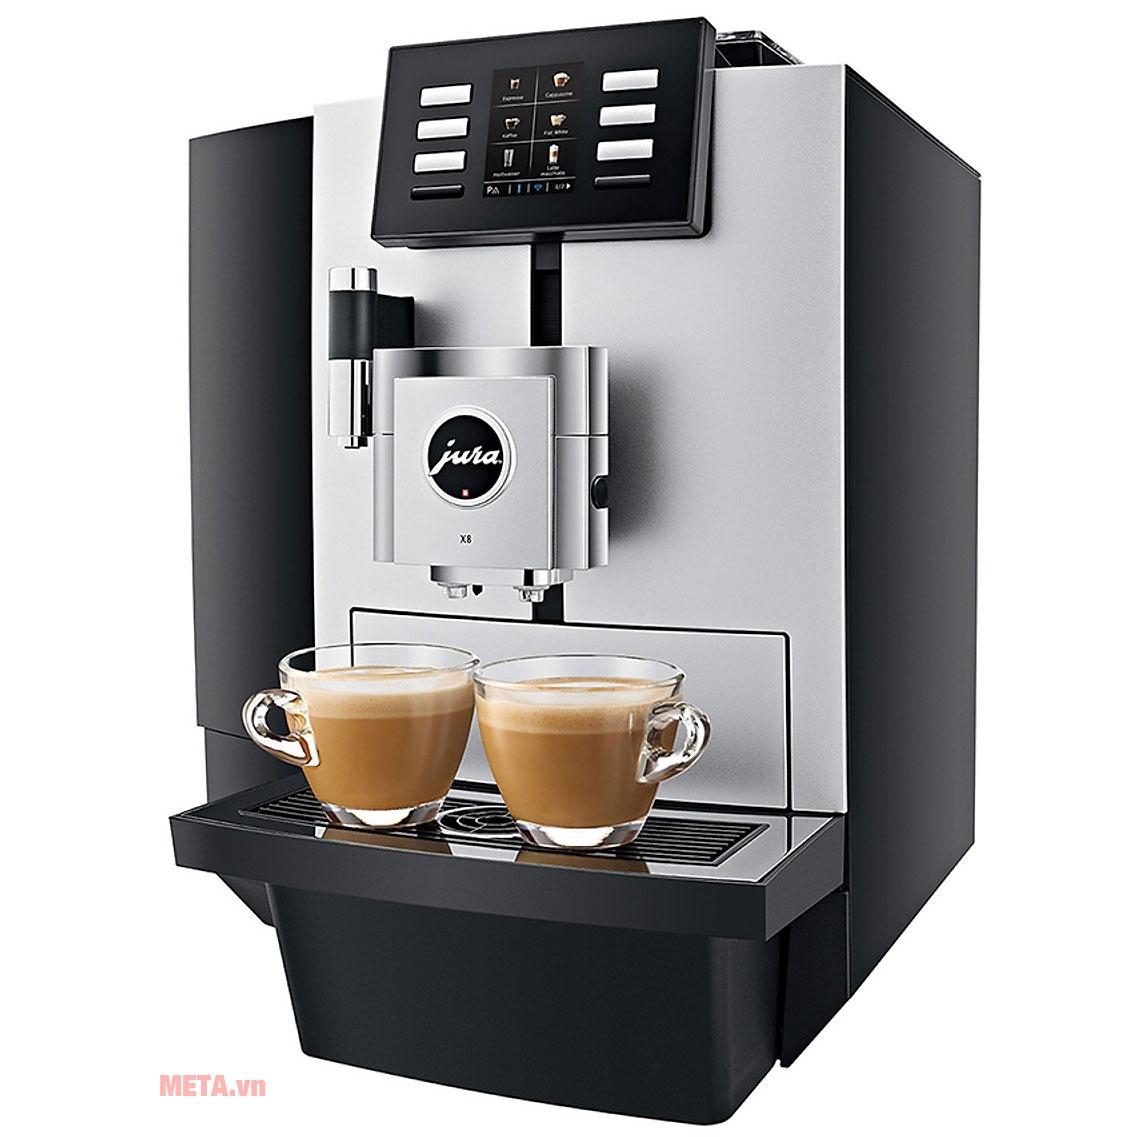 Công suất pha cà phê lớn